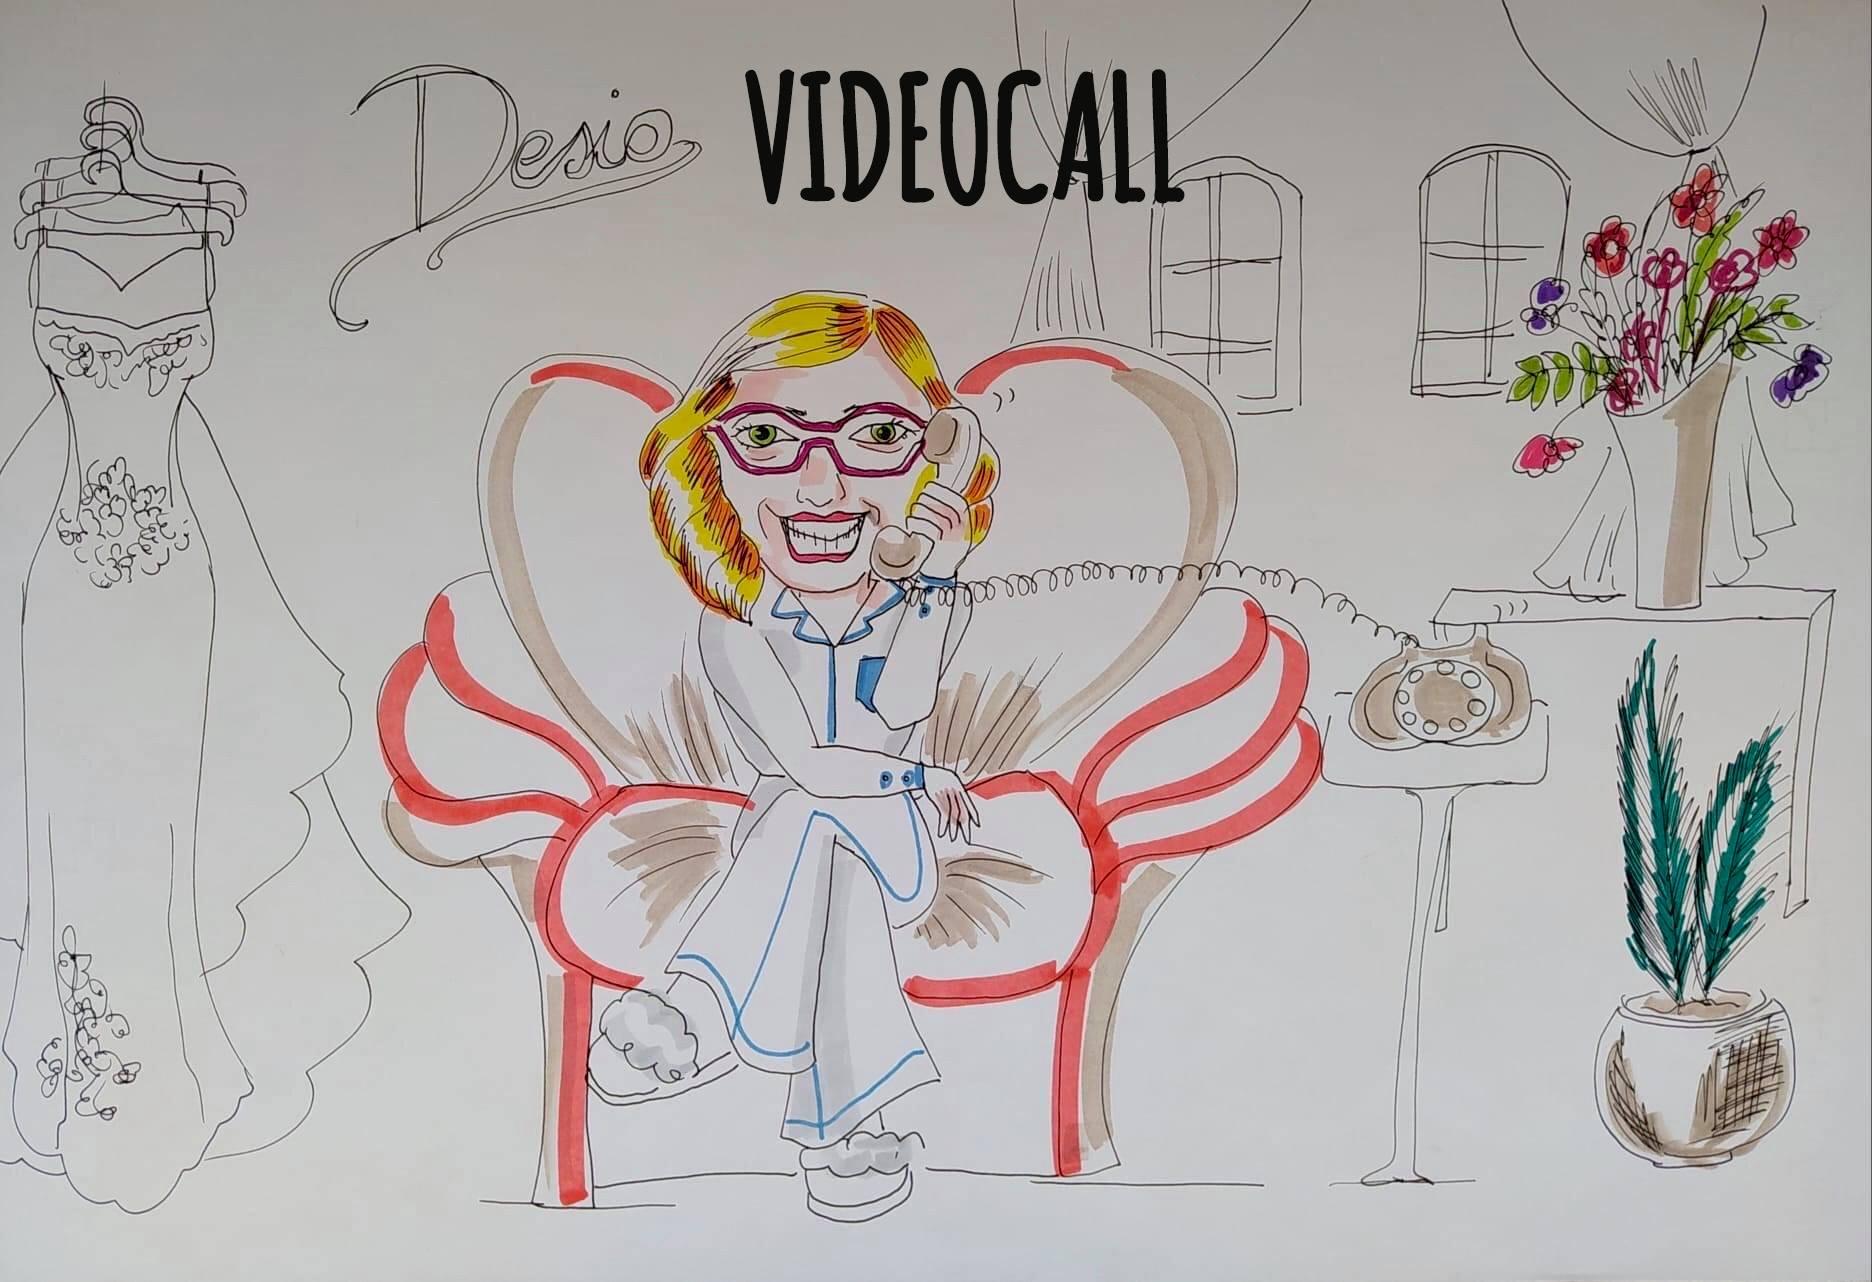 Videocall - Siamo pronte per ricevere la tua videochiamata